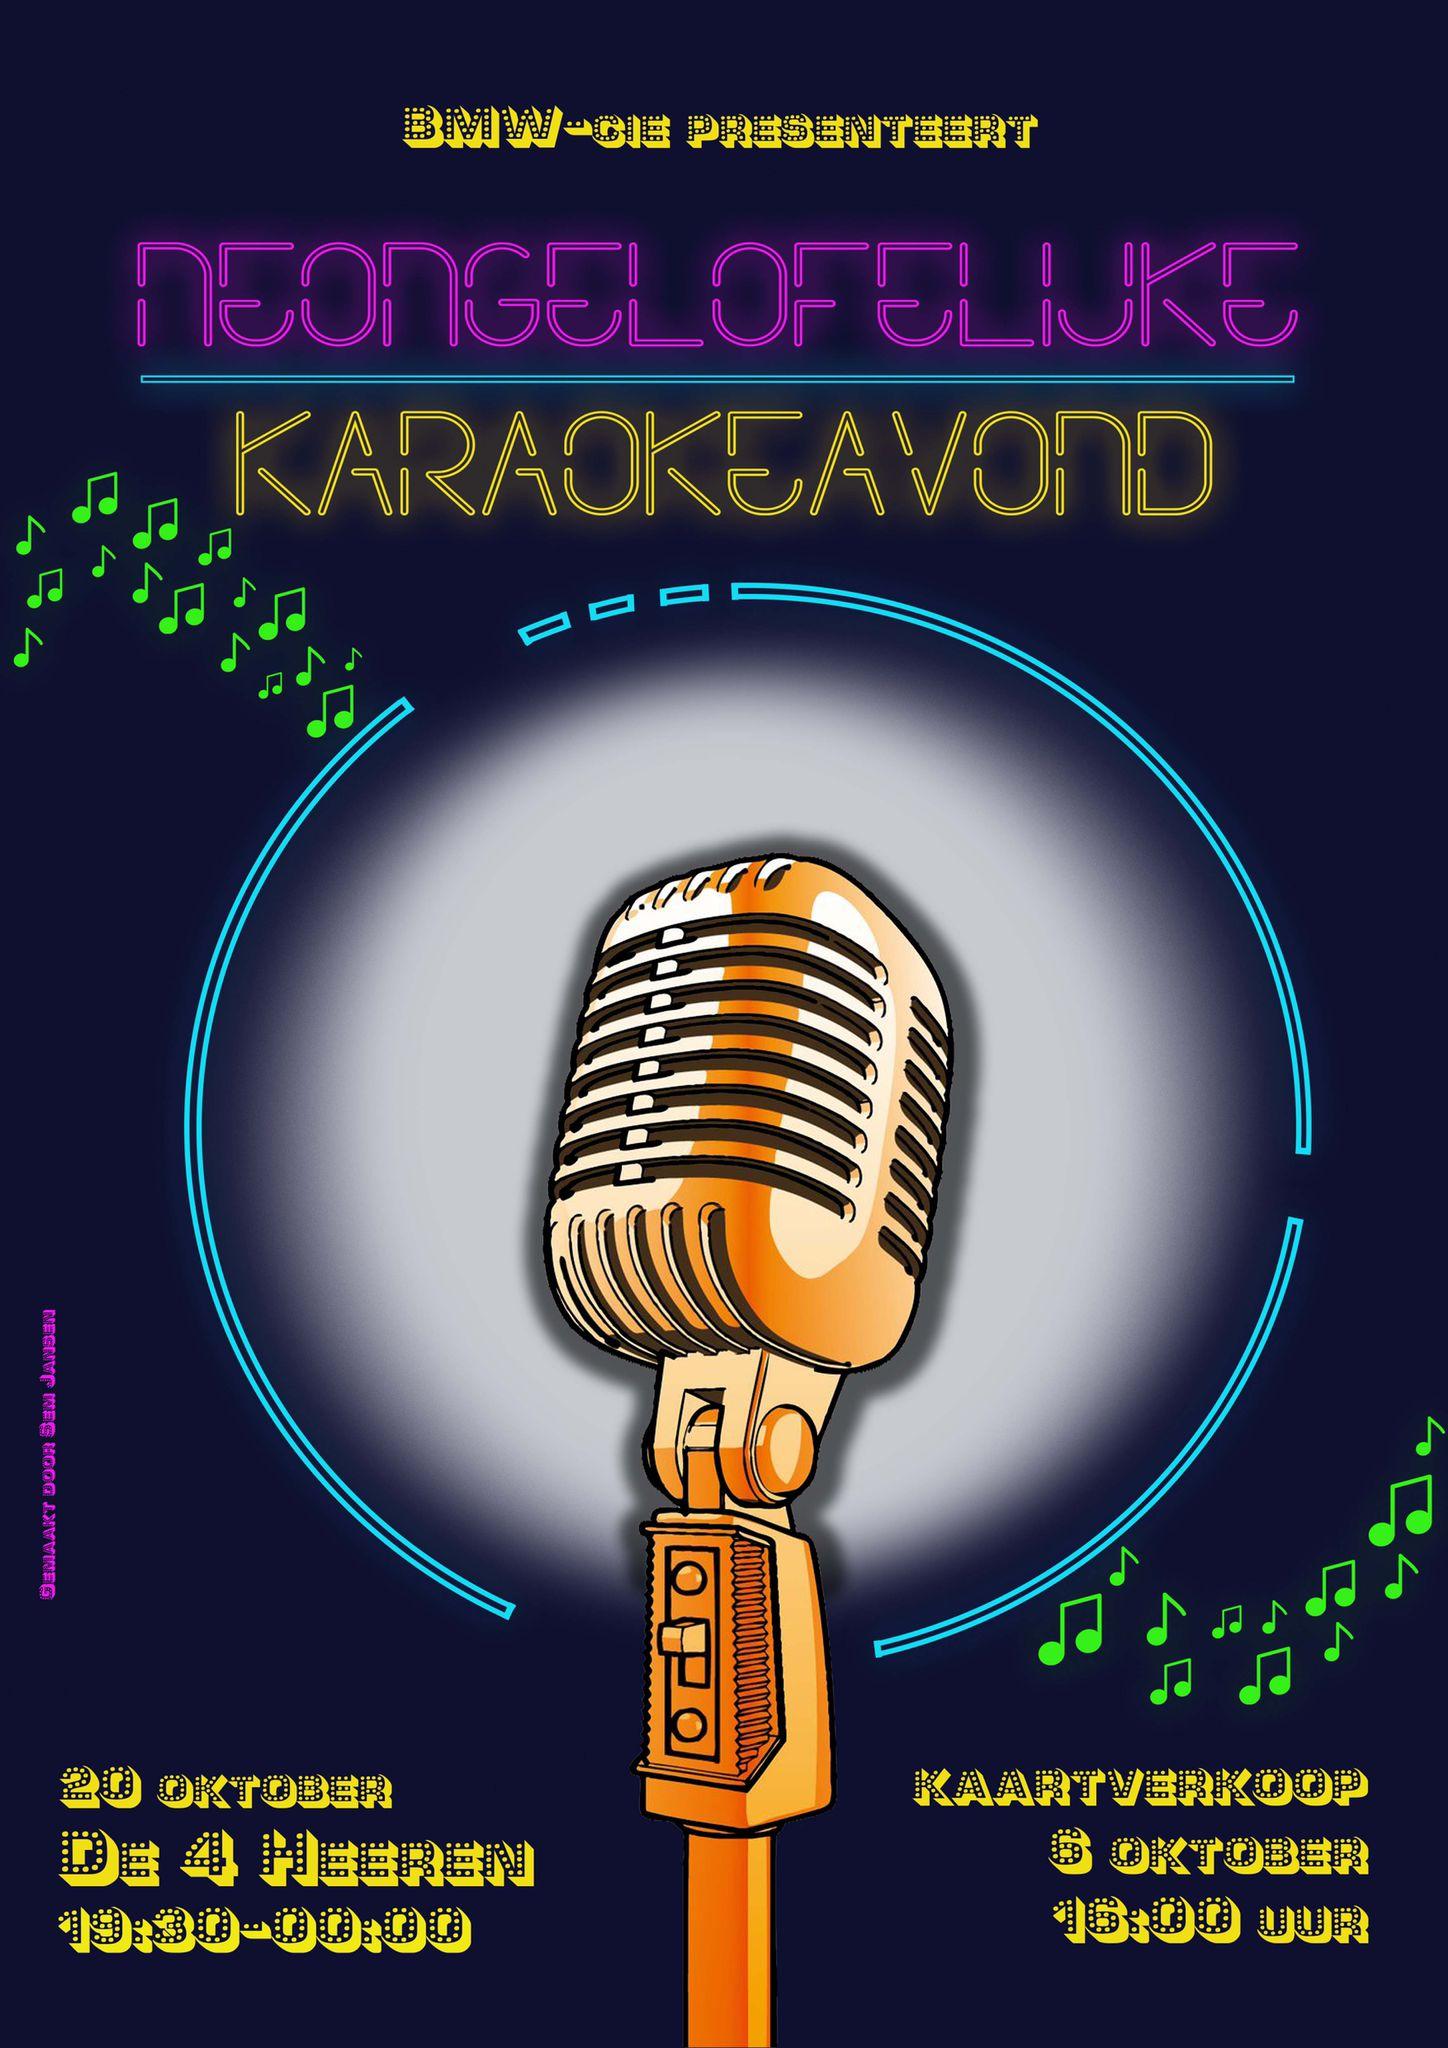 Karaokeavond